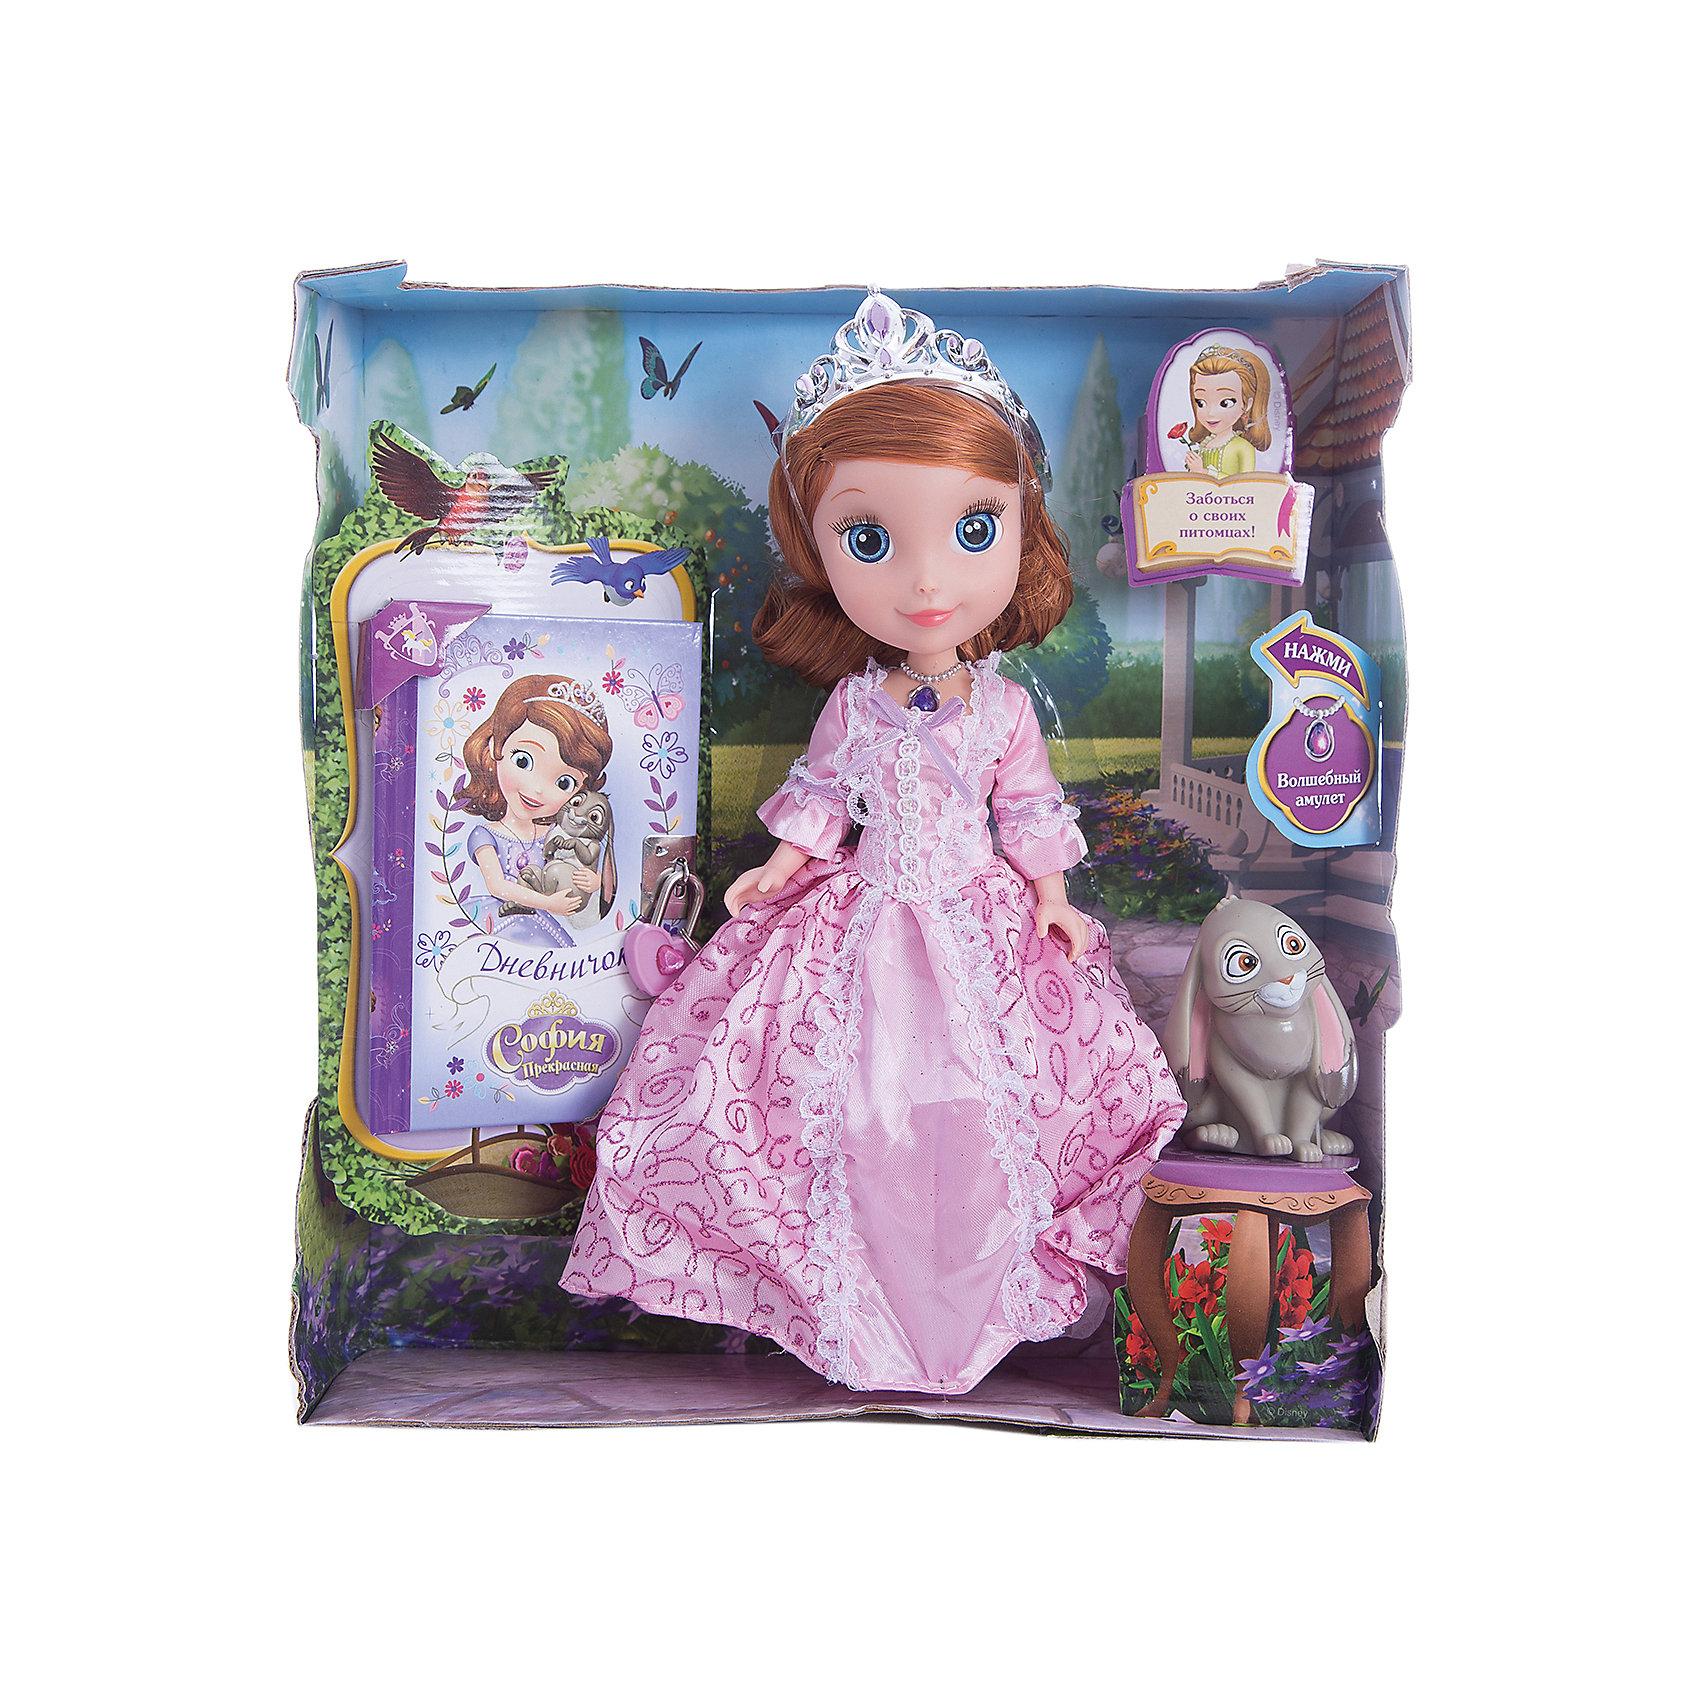 Кукла София, с кроликом и дневником, 25см, София Прекрасная, КарапузОчаровательная София и ее верный друг-кролик обязательно порадуют девочек. Куколка выглядит в точности, как персонаж из любимого мультфильма. Малышка одета в красивое платье с пышной юбкой, на голове у нее - изысканная тиара. Проигрывай полюбившиеся моменты из мультфильма или придумывай свои новые истории и записывай их в дневник. <br><br>Дополнительная информация:<br><br>- Материал: пластик, текстиль.<br>- Размер куклы: 25 см.<br>- Голова, руки, ноги куклы подвижные. <br>- Комплектация: кукла в одежде, аксессуары, кролик, дневник.<br><br>Куклу София, с кроликом и дневником, 25см, София Прекрасная, Карапуз, можно купить в нашем магазине.<br><br>Ширина мм: 270<br>Глубина мм: 300<br>Высота мм: 90<br>Вес г: 630<br>Возраст от месяцев: 36<br>Возраст до месяцев: 120<br>Пол: Женский<br>Возраст: Детский<br>SKU: 4310816